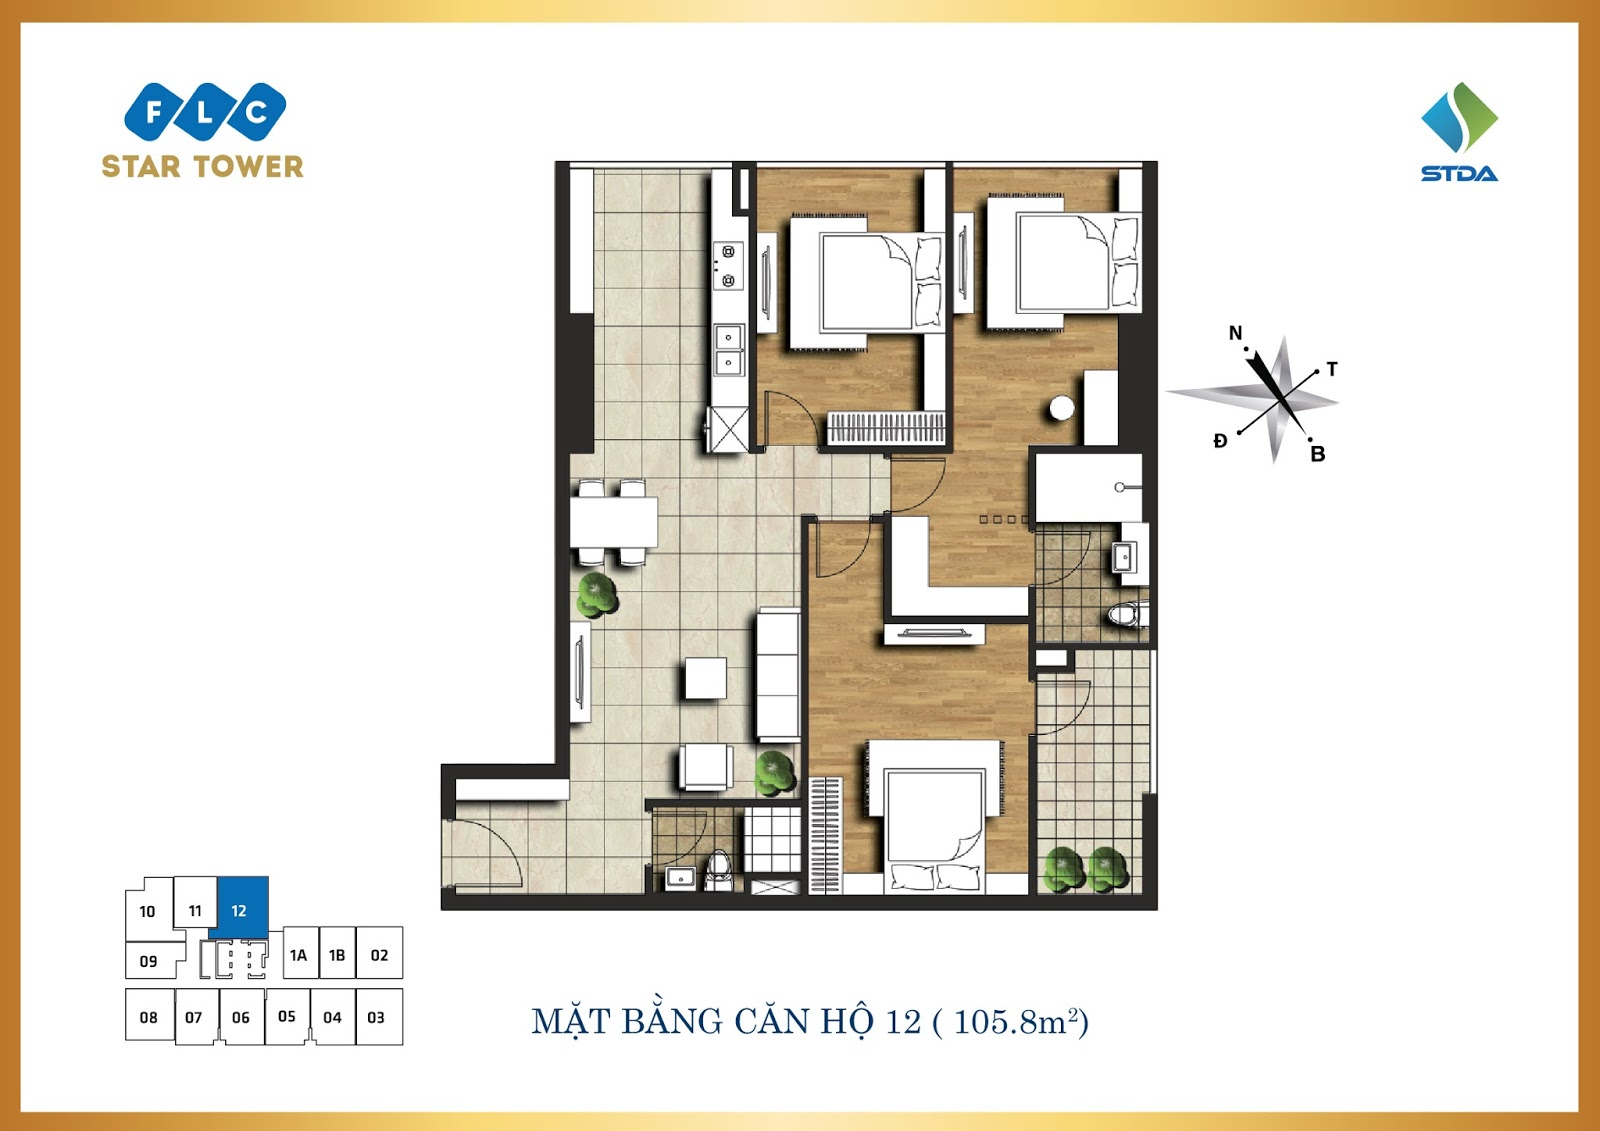 Thiết kế căn hộ số 12 - Chung cư FLC Star Tower